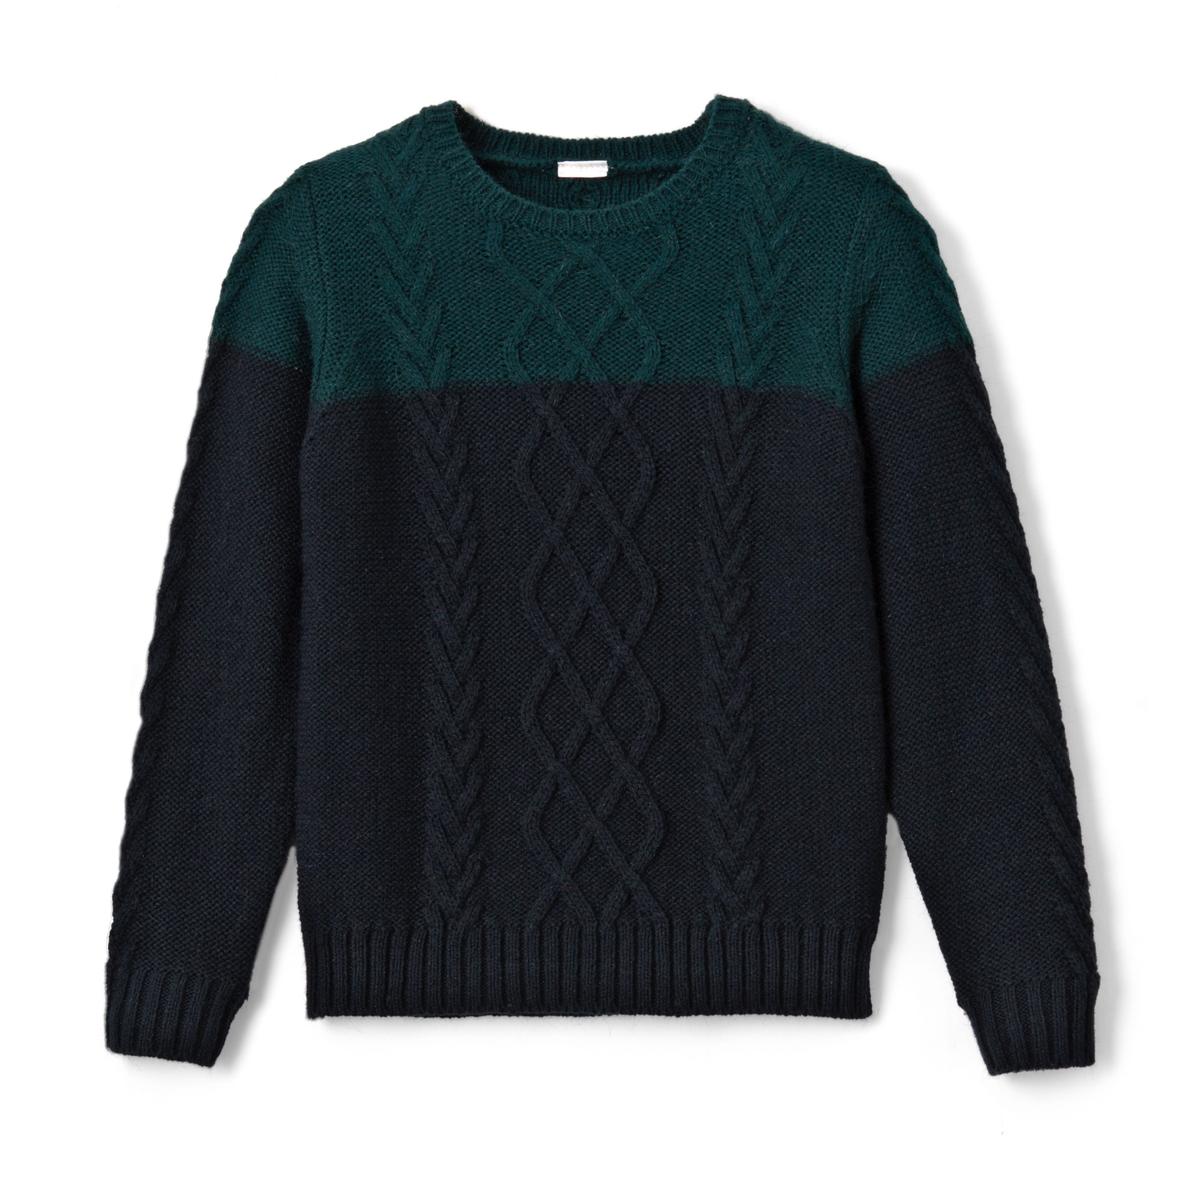 Пуловер двухцветный с рисунком косы, 3-12 лет